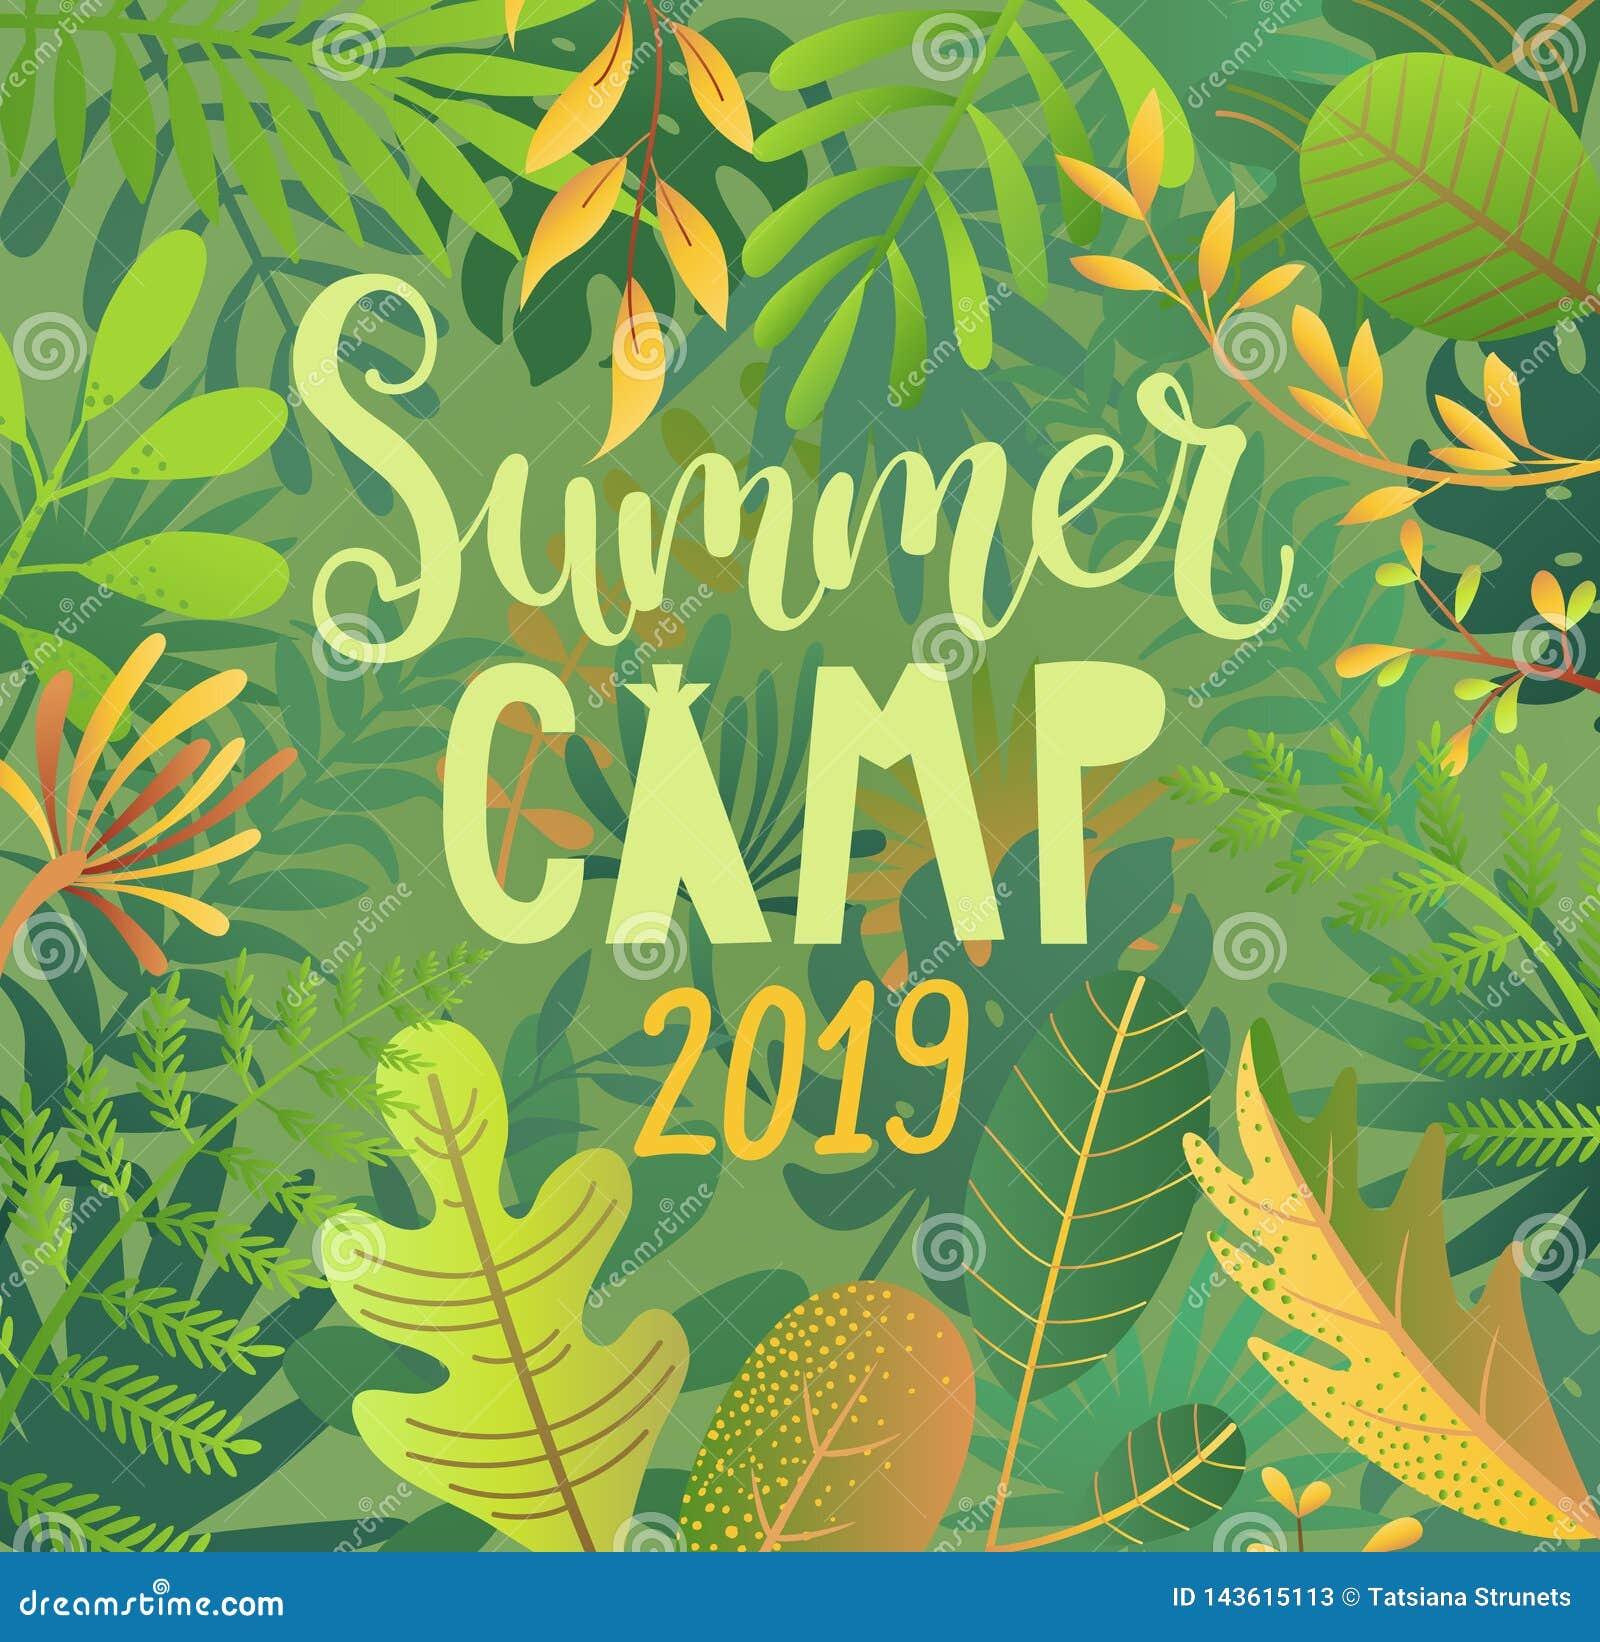 Acampamento de verão 2019 que rotula no fundo da selva